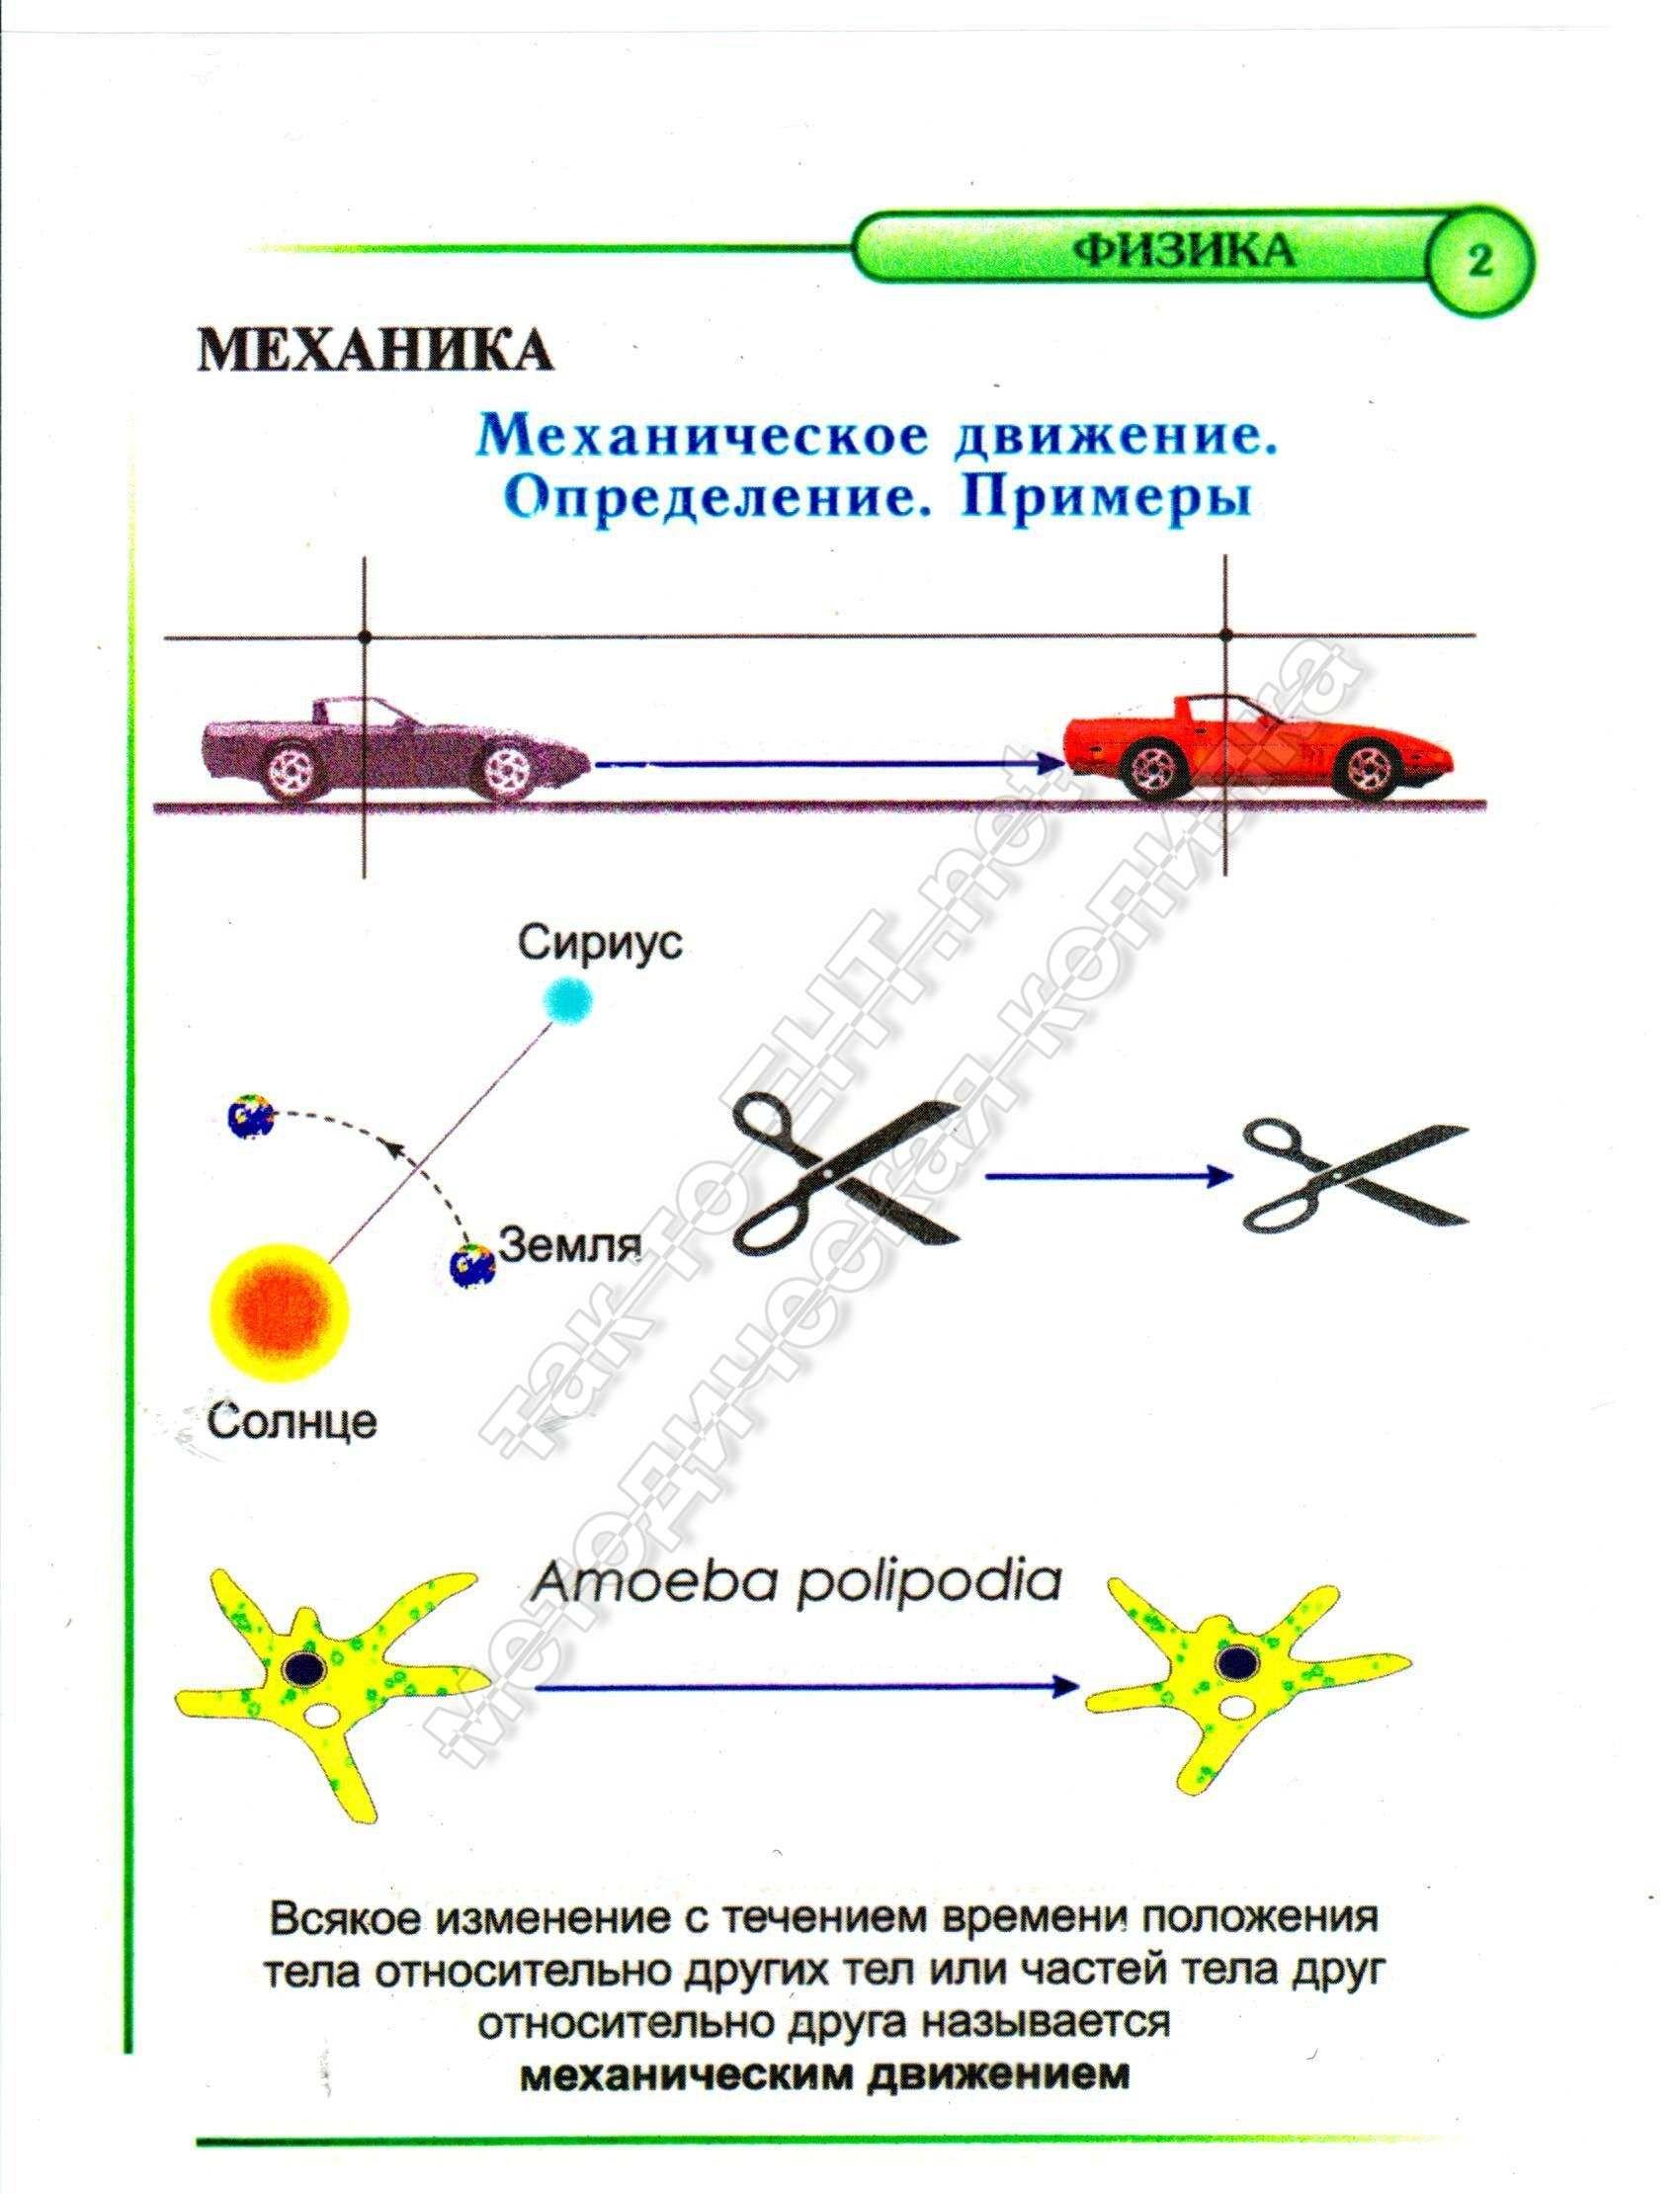 Механическое движение. Определение. Примеры (механика)